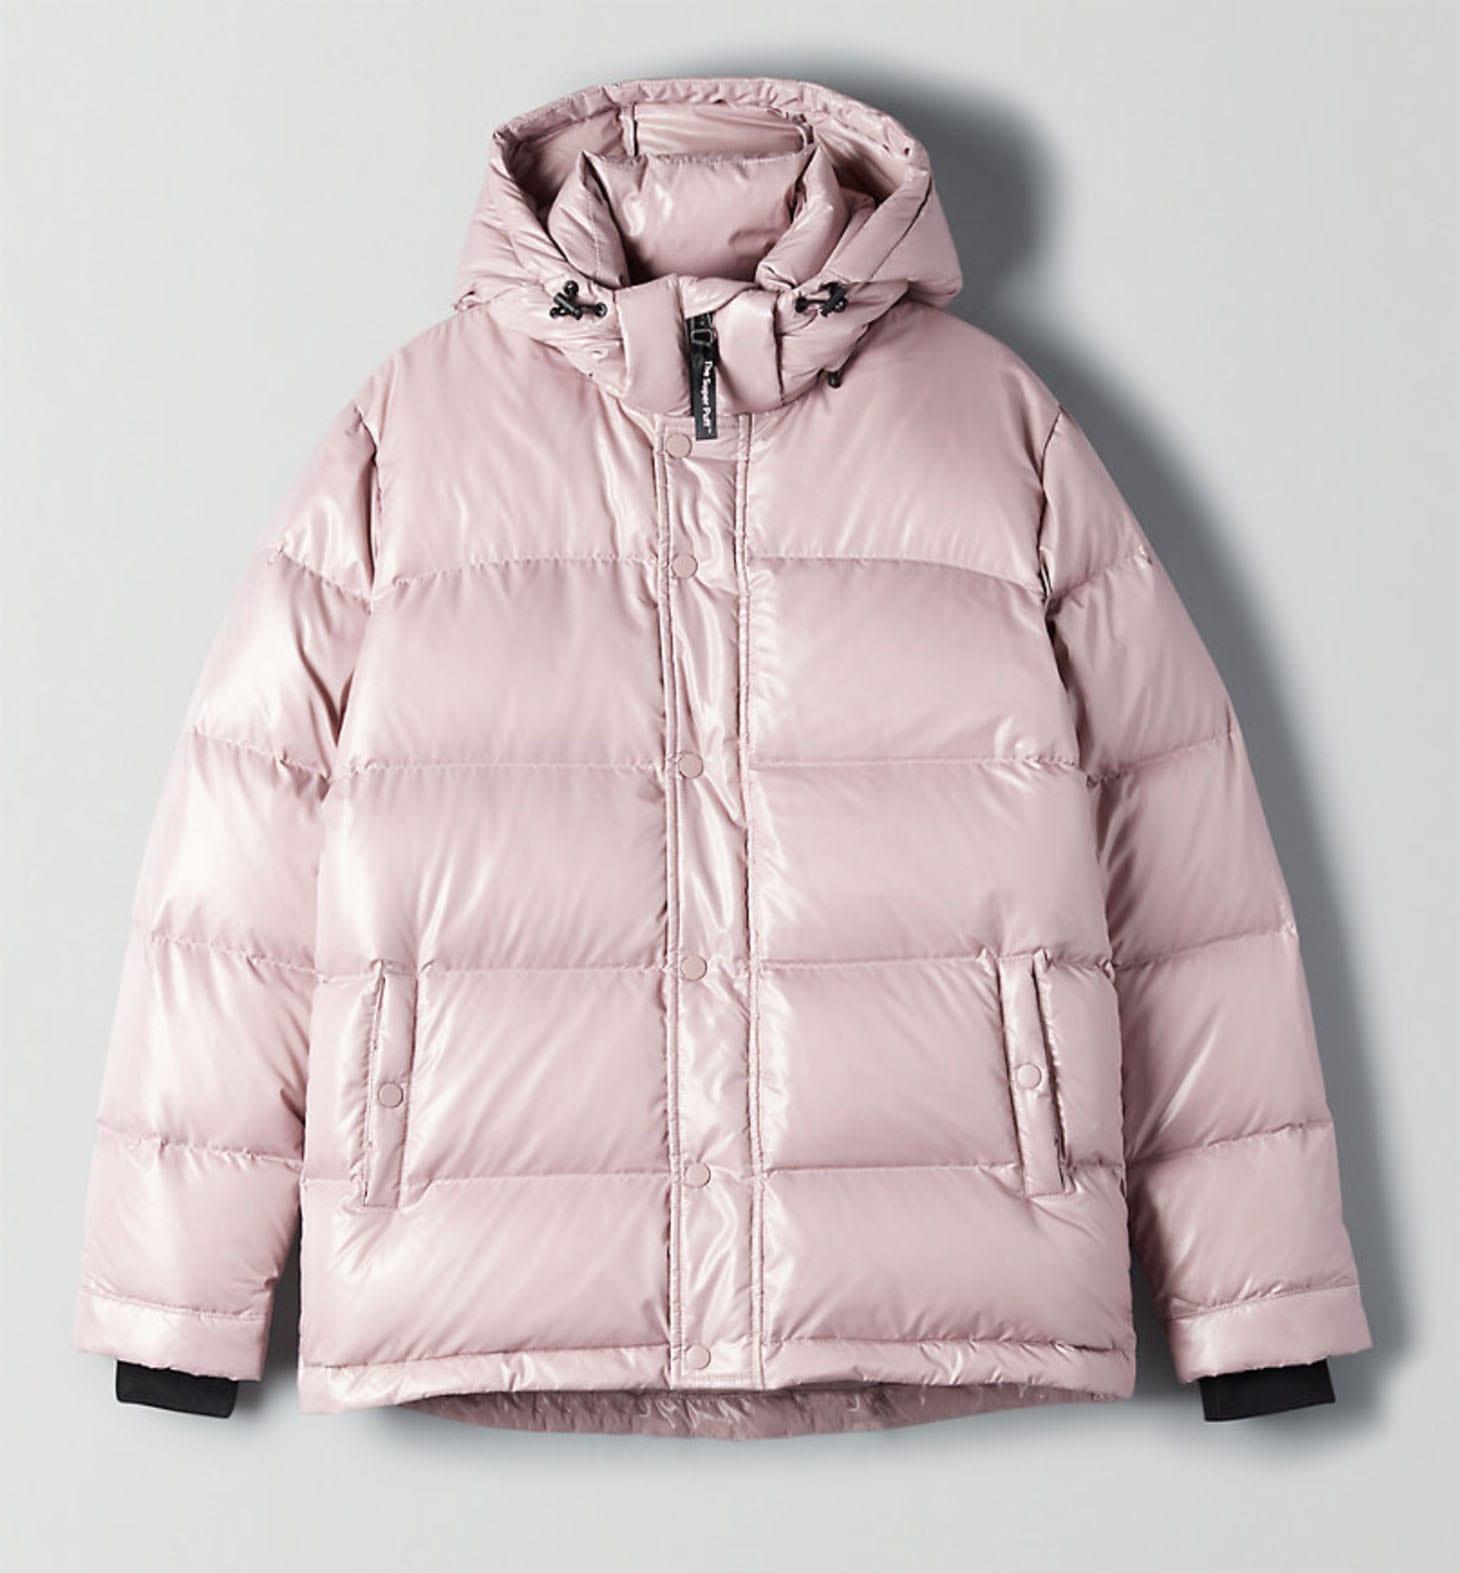 Jillian Harris Winter Coat Blog1